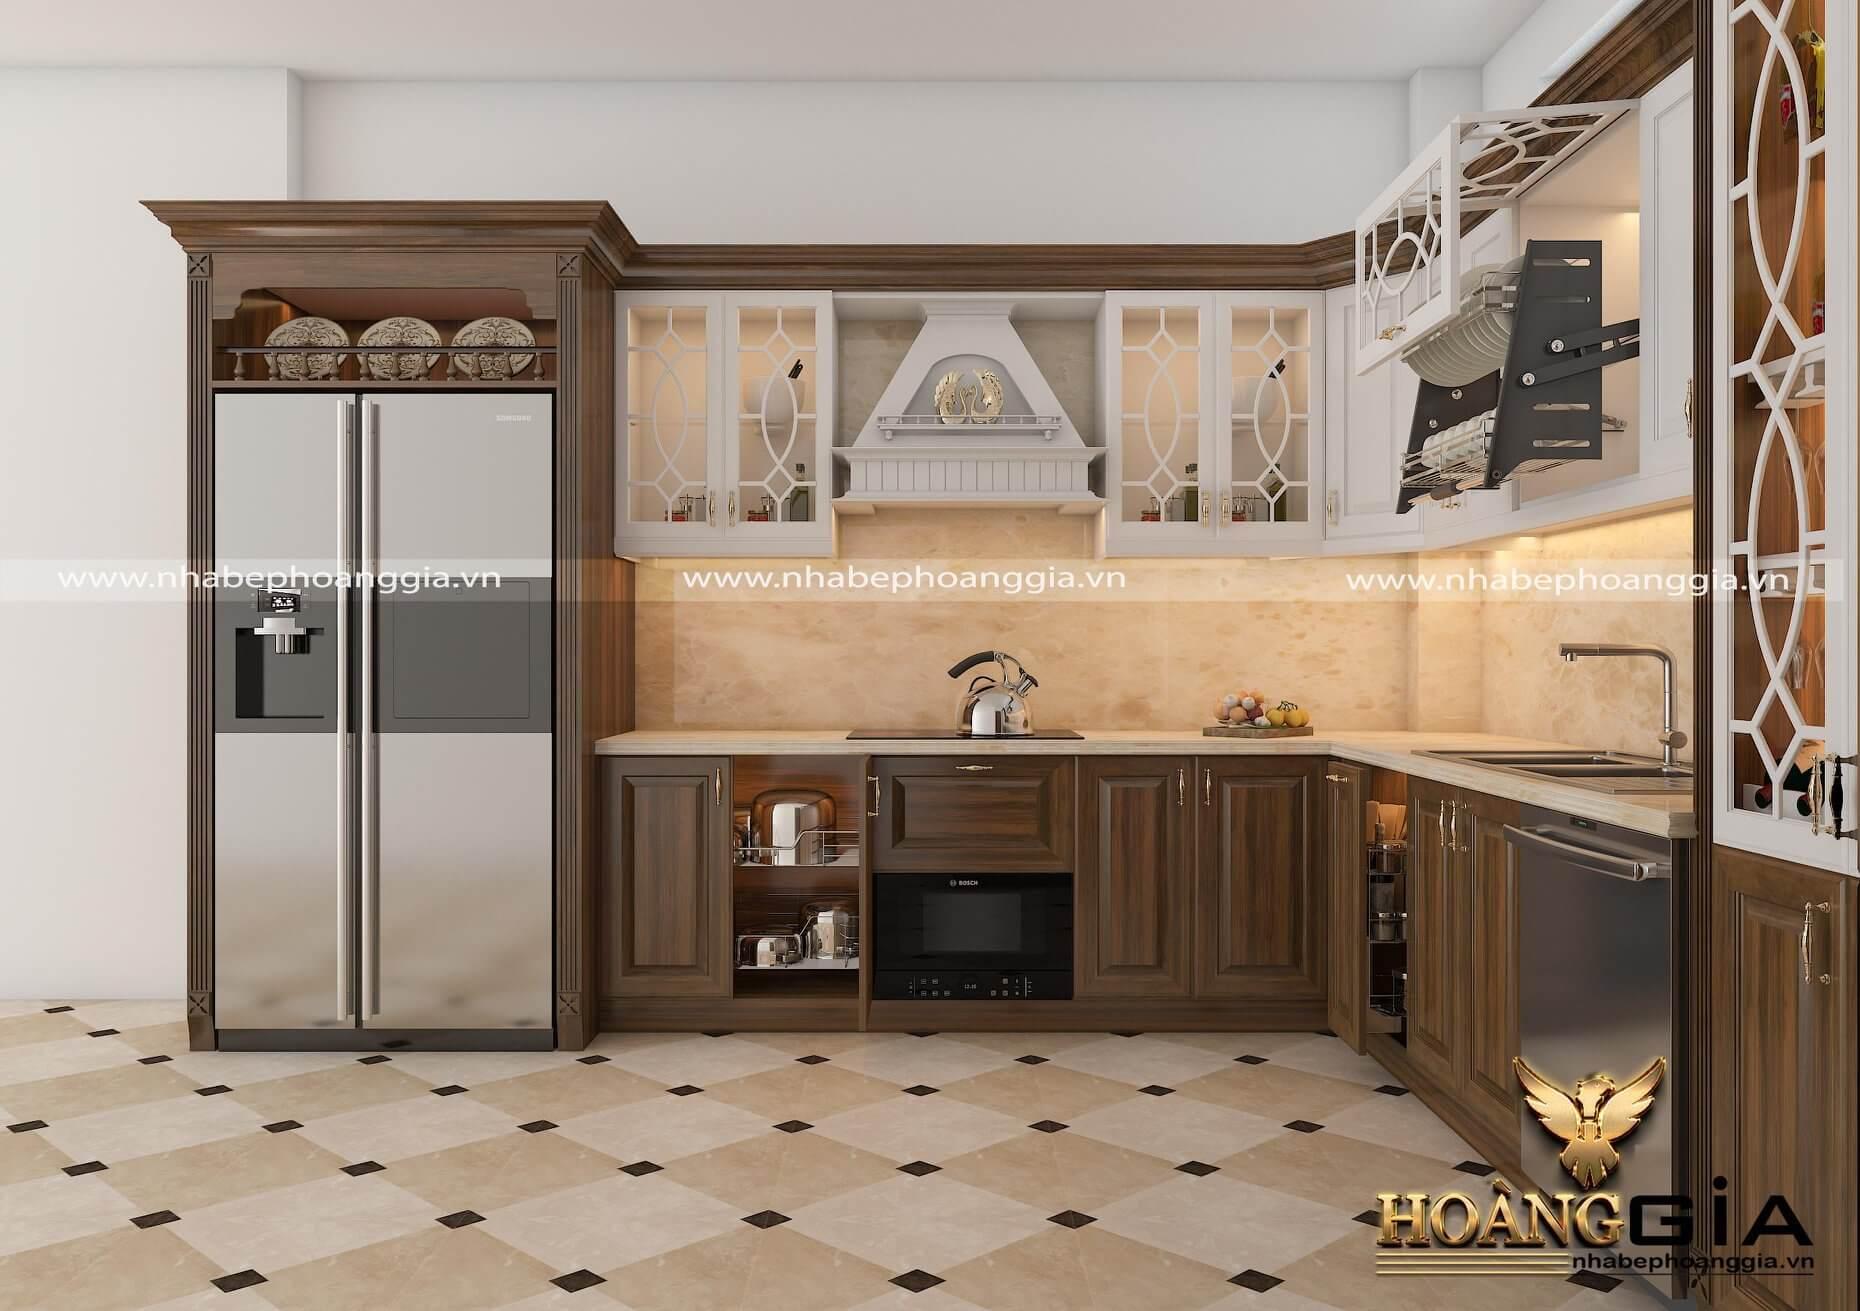 Tủ bếp gỗ sồi tân cổ điển nhẹ nhàng